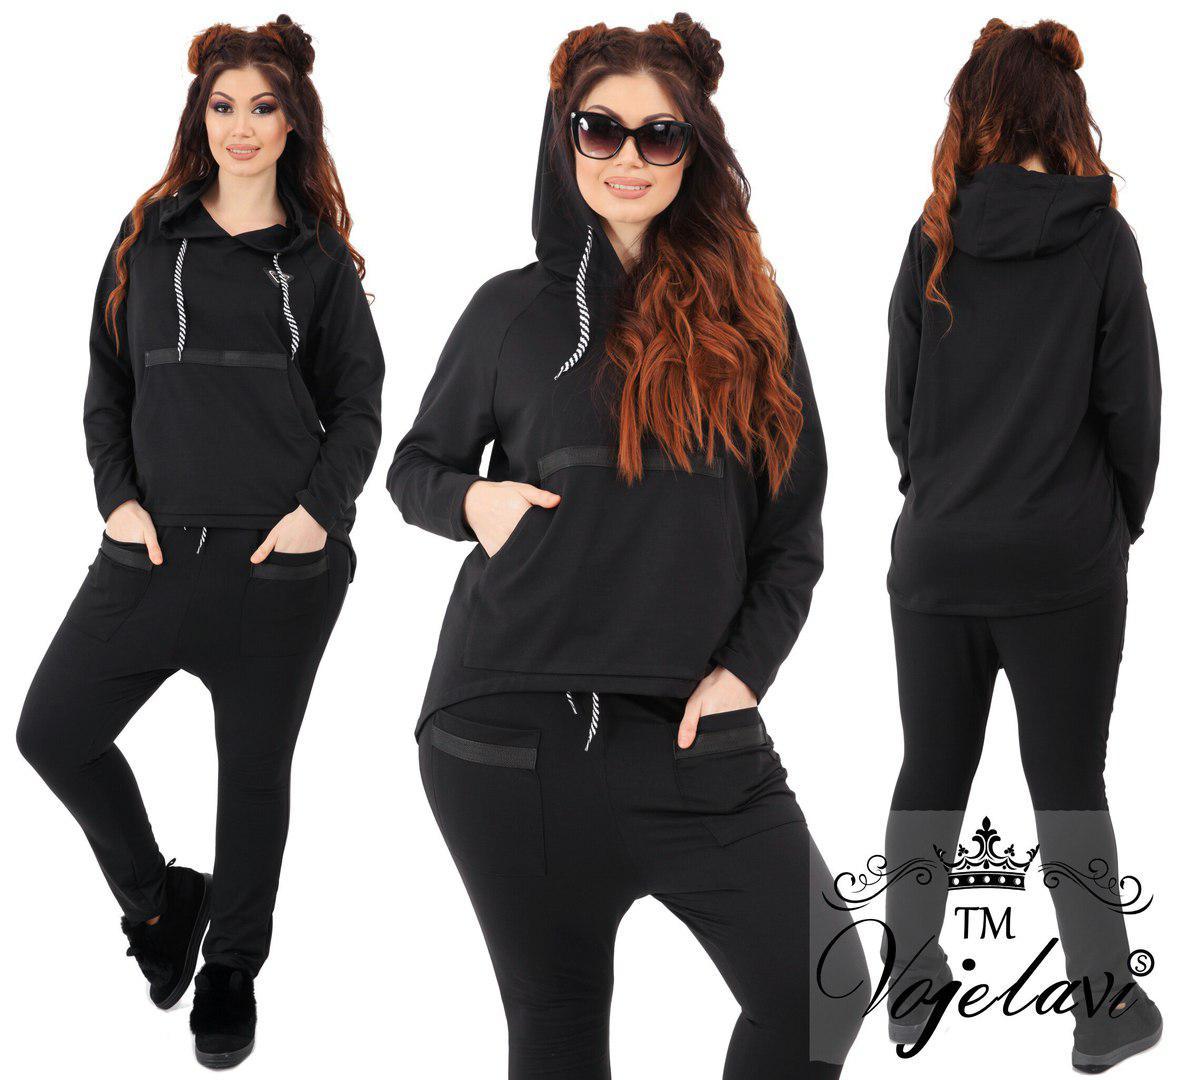 b288789ef45 Женский черный спортивный костюм большого размера пр-во Украина A120G